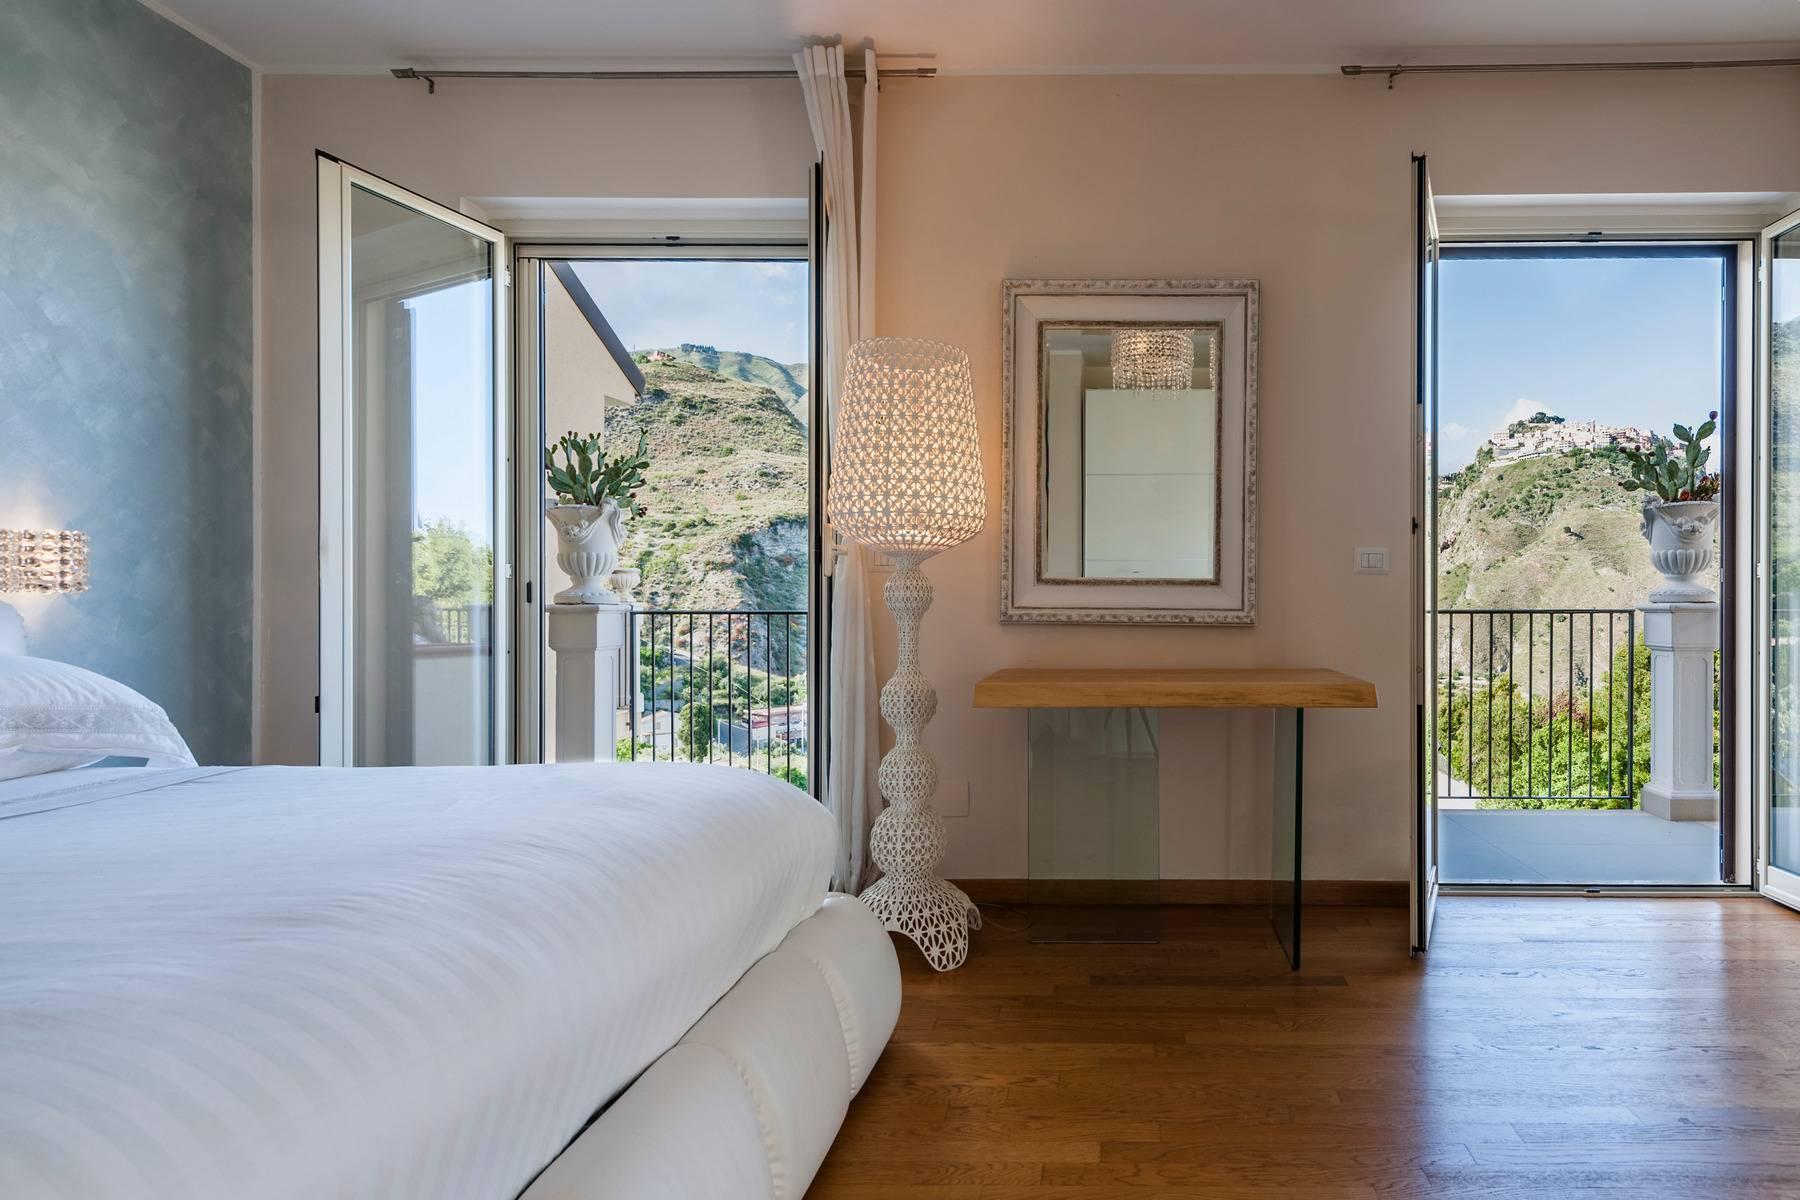 Modern villa with swimming pool in Taormina - 23